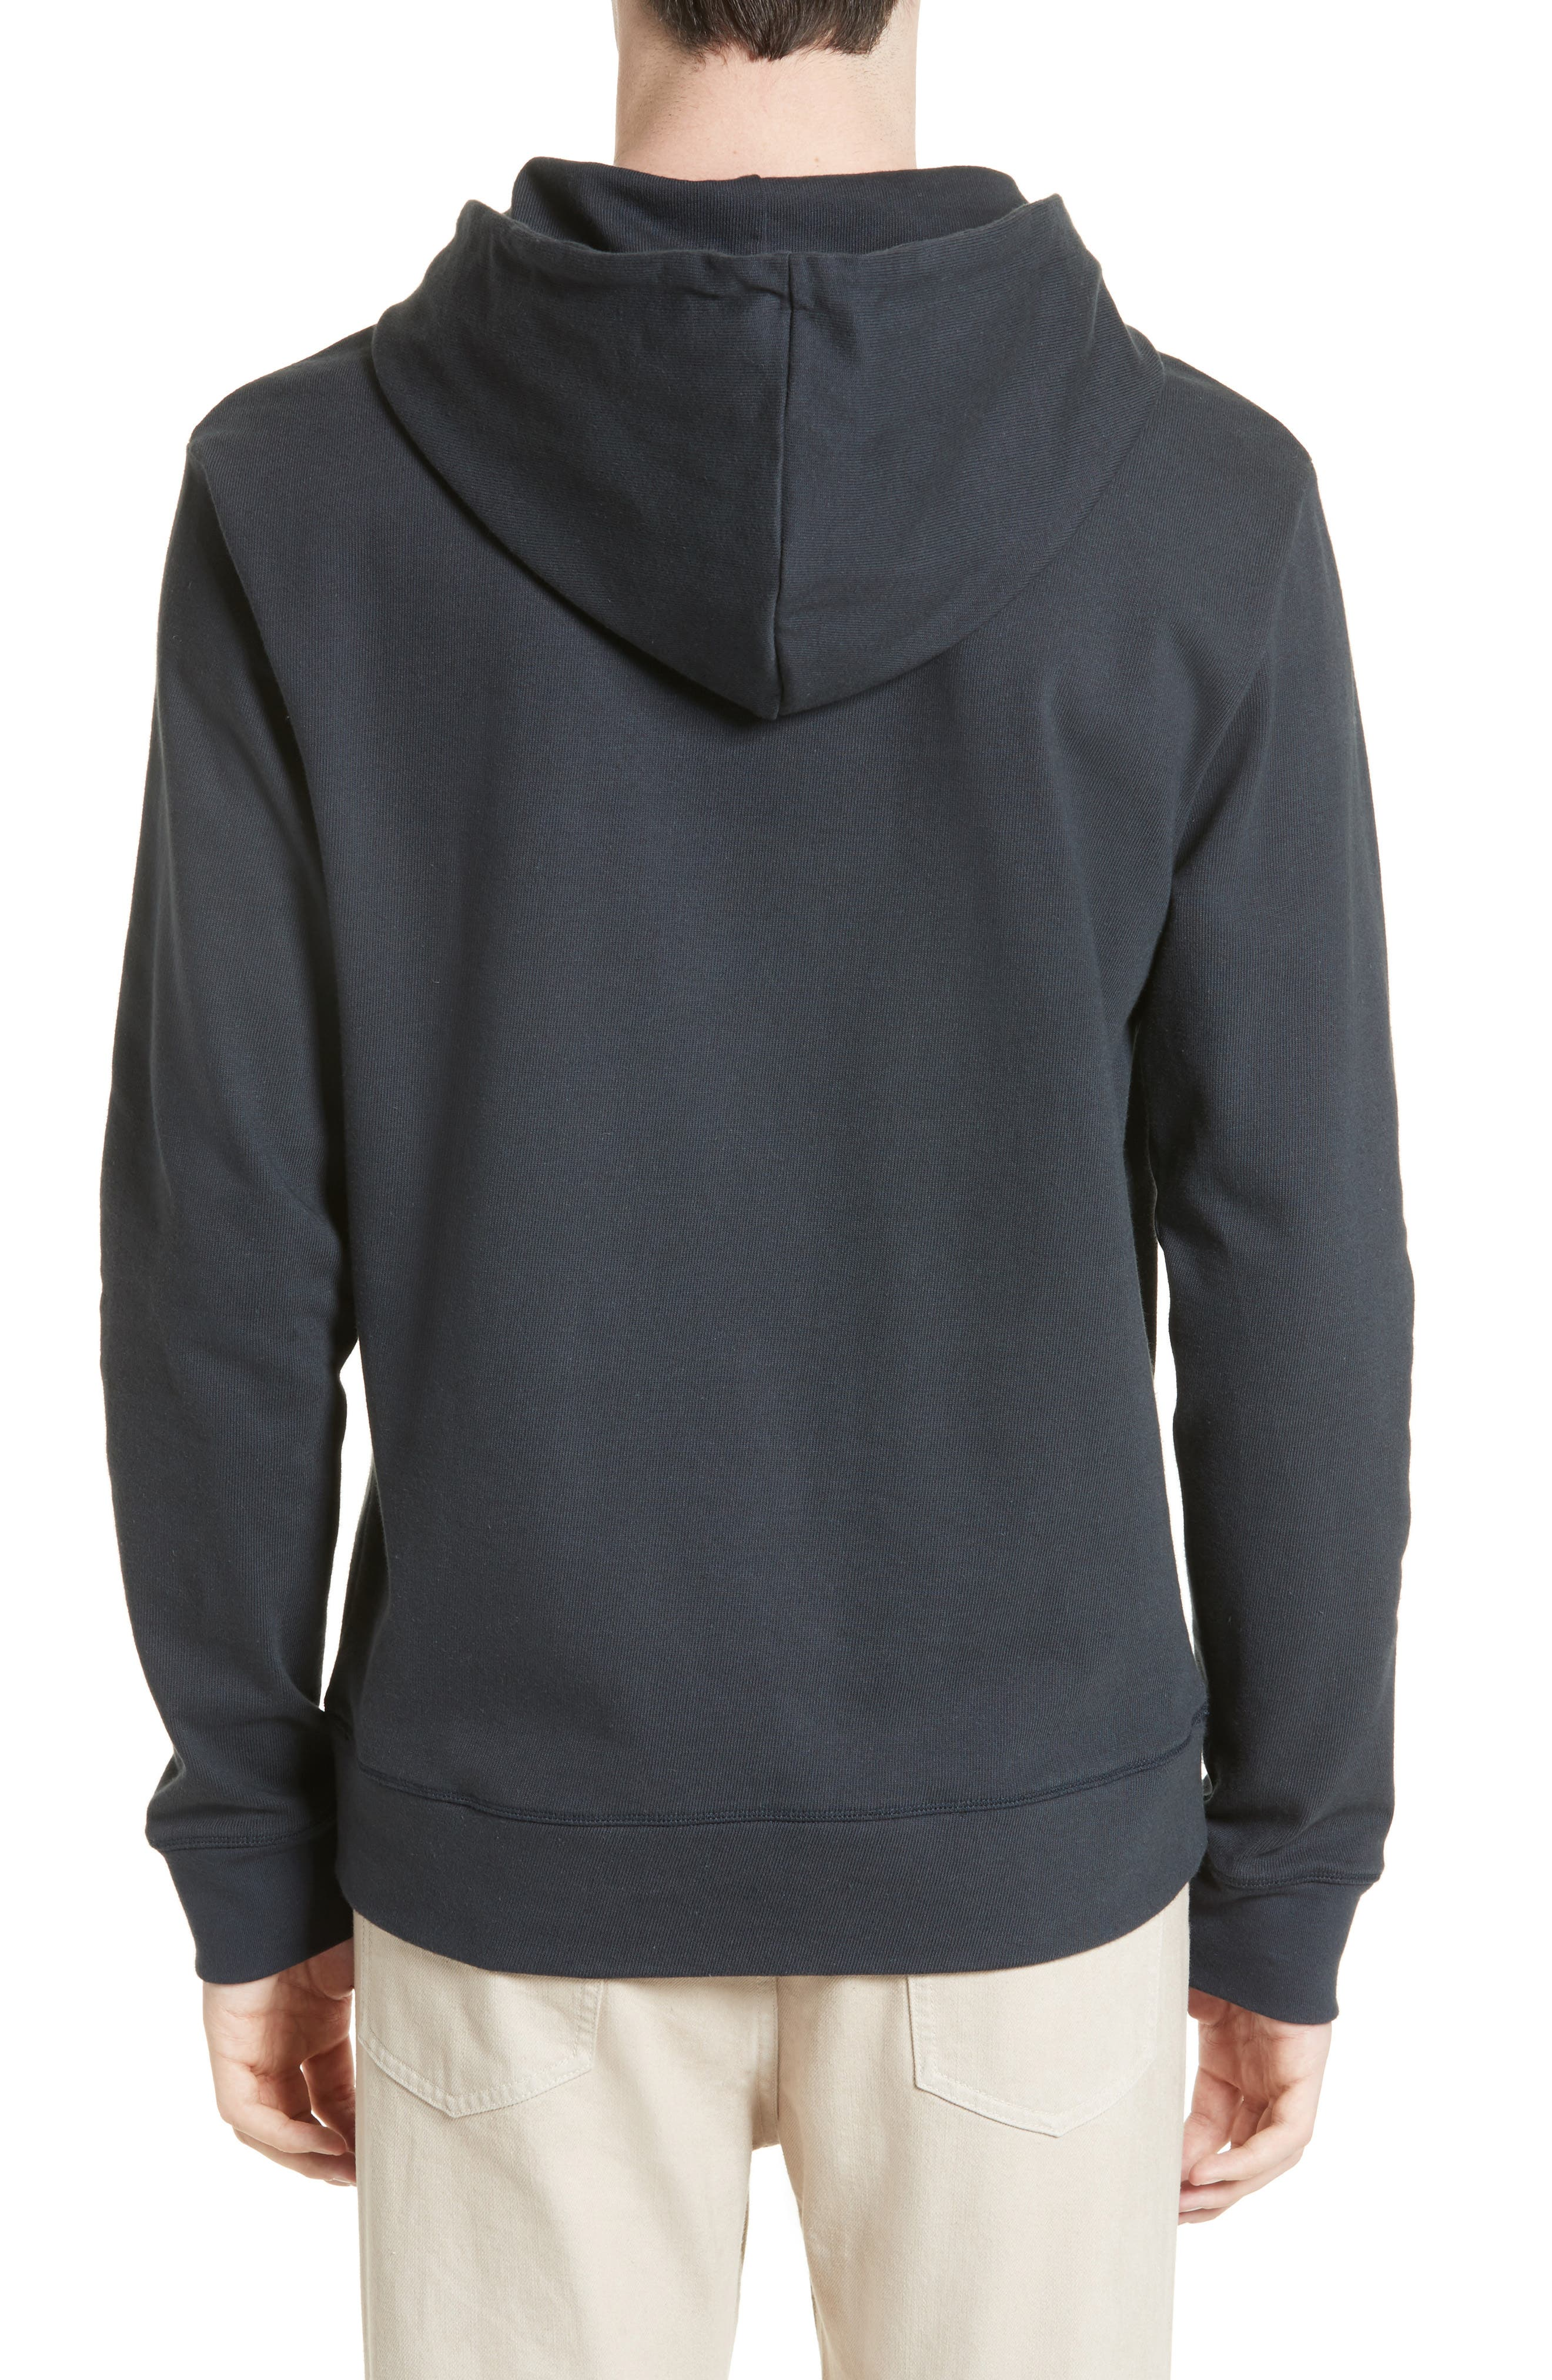 Brody Hooded Sweatshirt,                             Alternate thumbnail 2, color,                             020